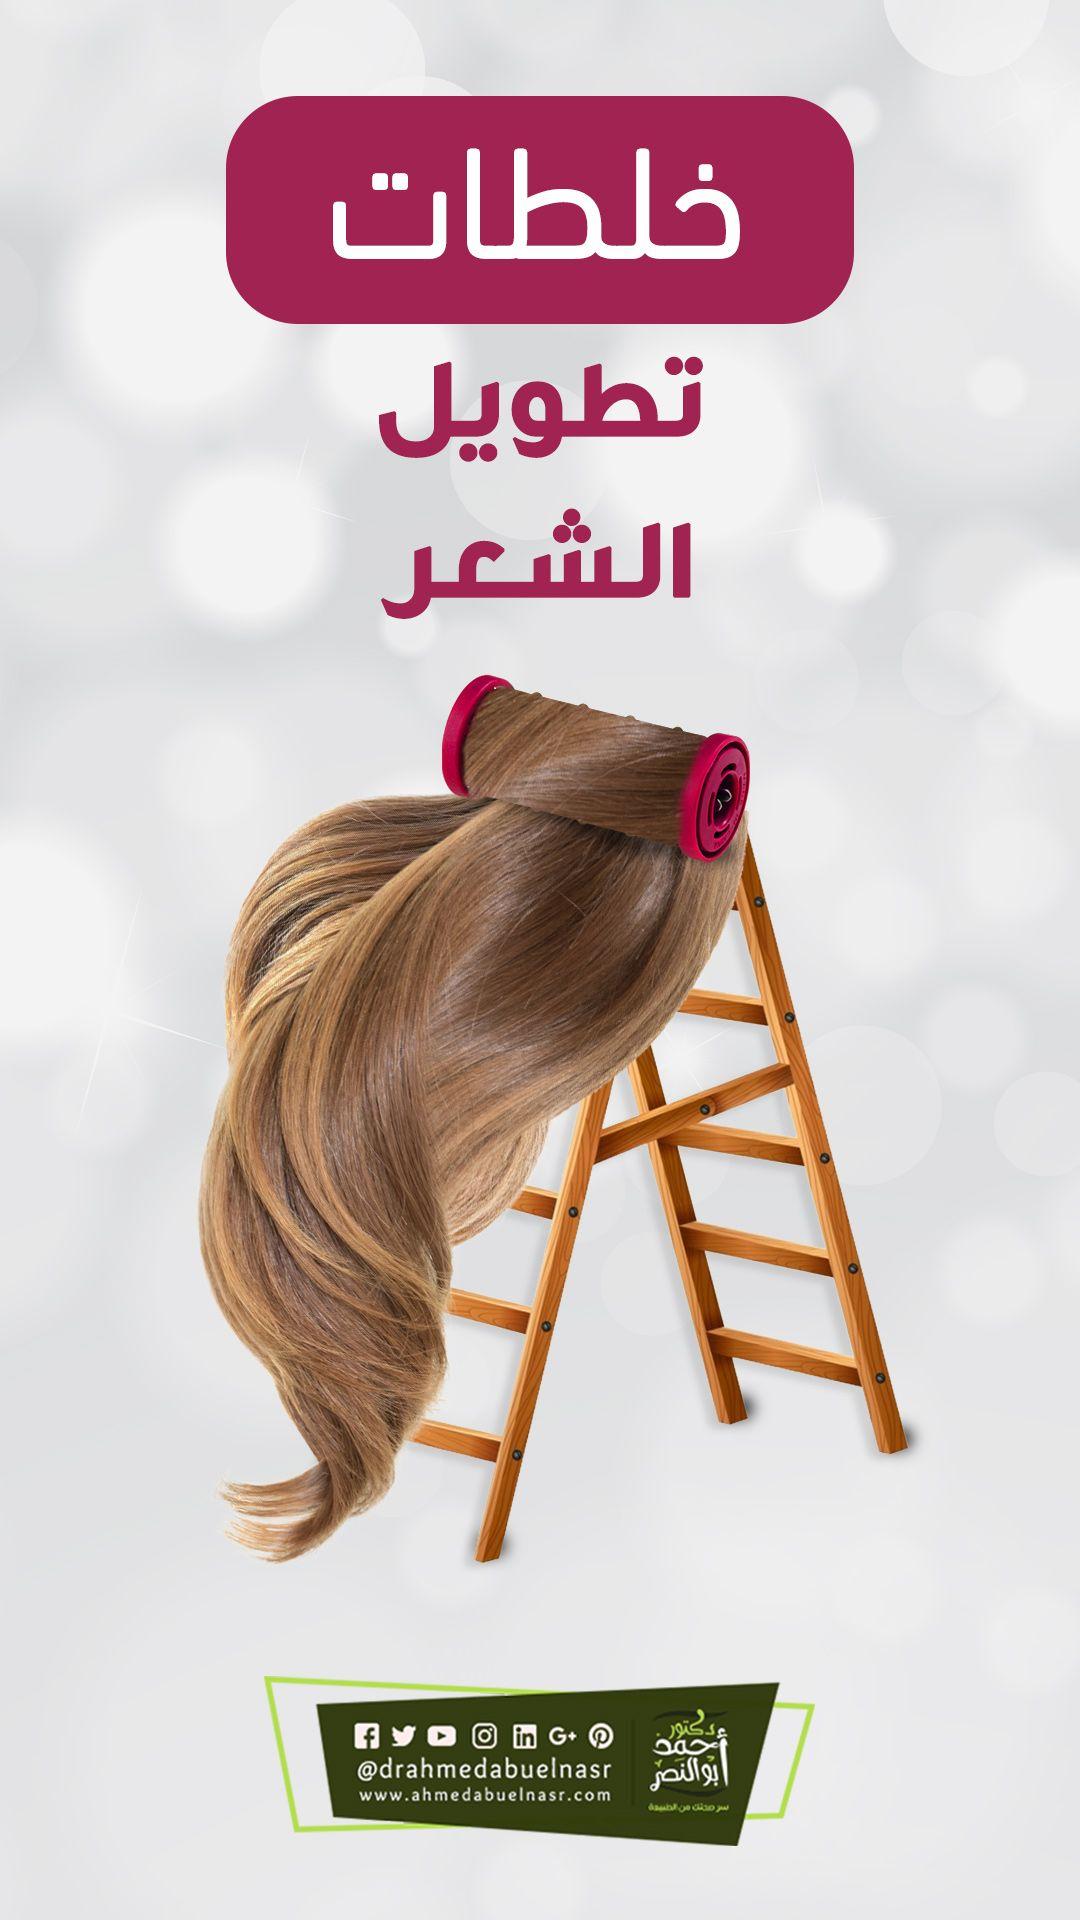 خلطات لتطويل الشعر وتكثيفه Iss